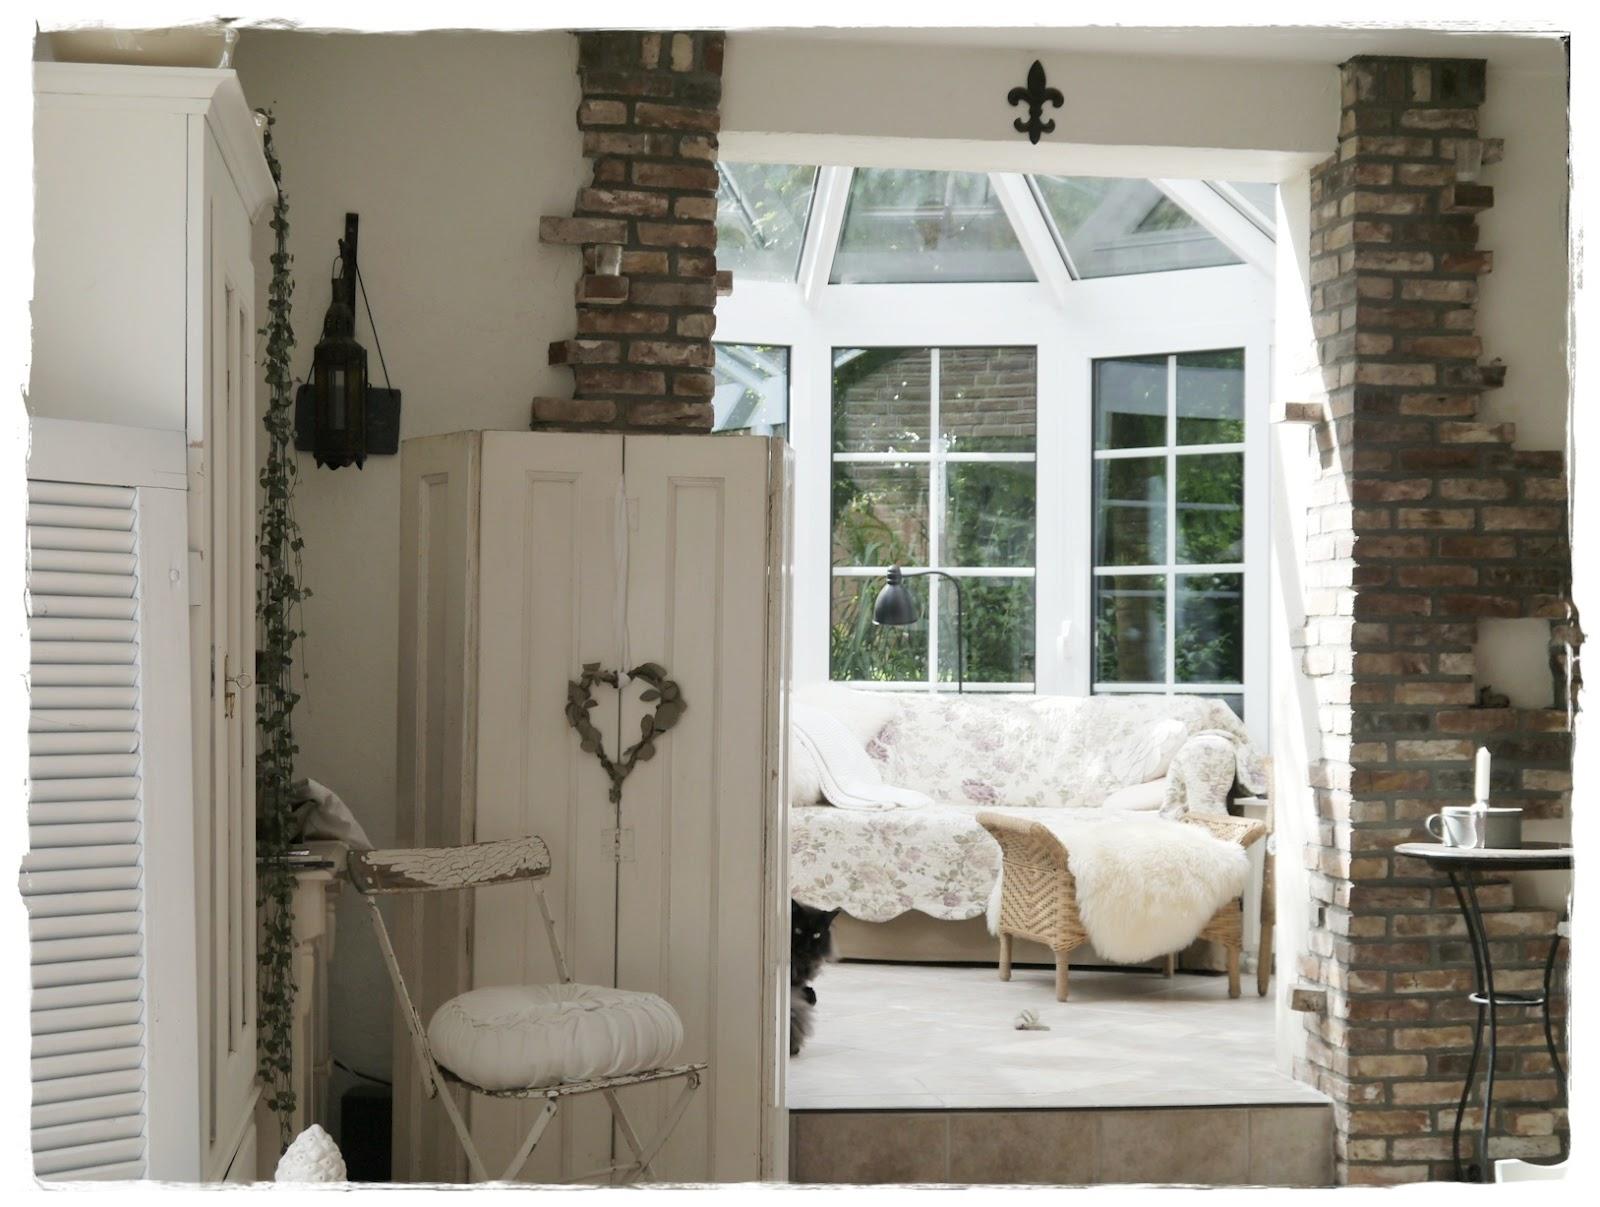 schreibe acht dinge ber dich auf die zum thema passen. Black Bedroom Furniture Sets. Home Design Ideas